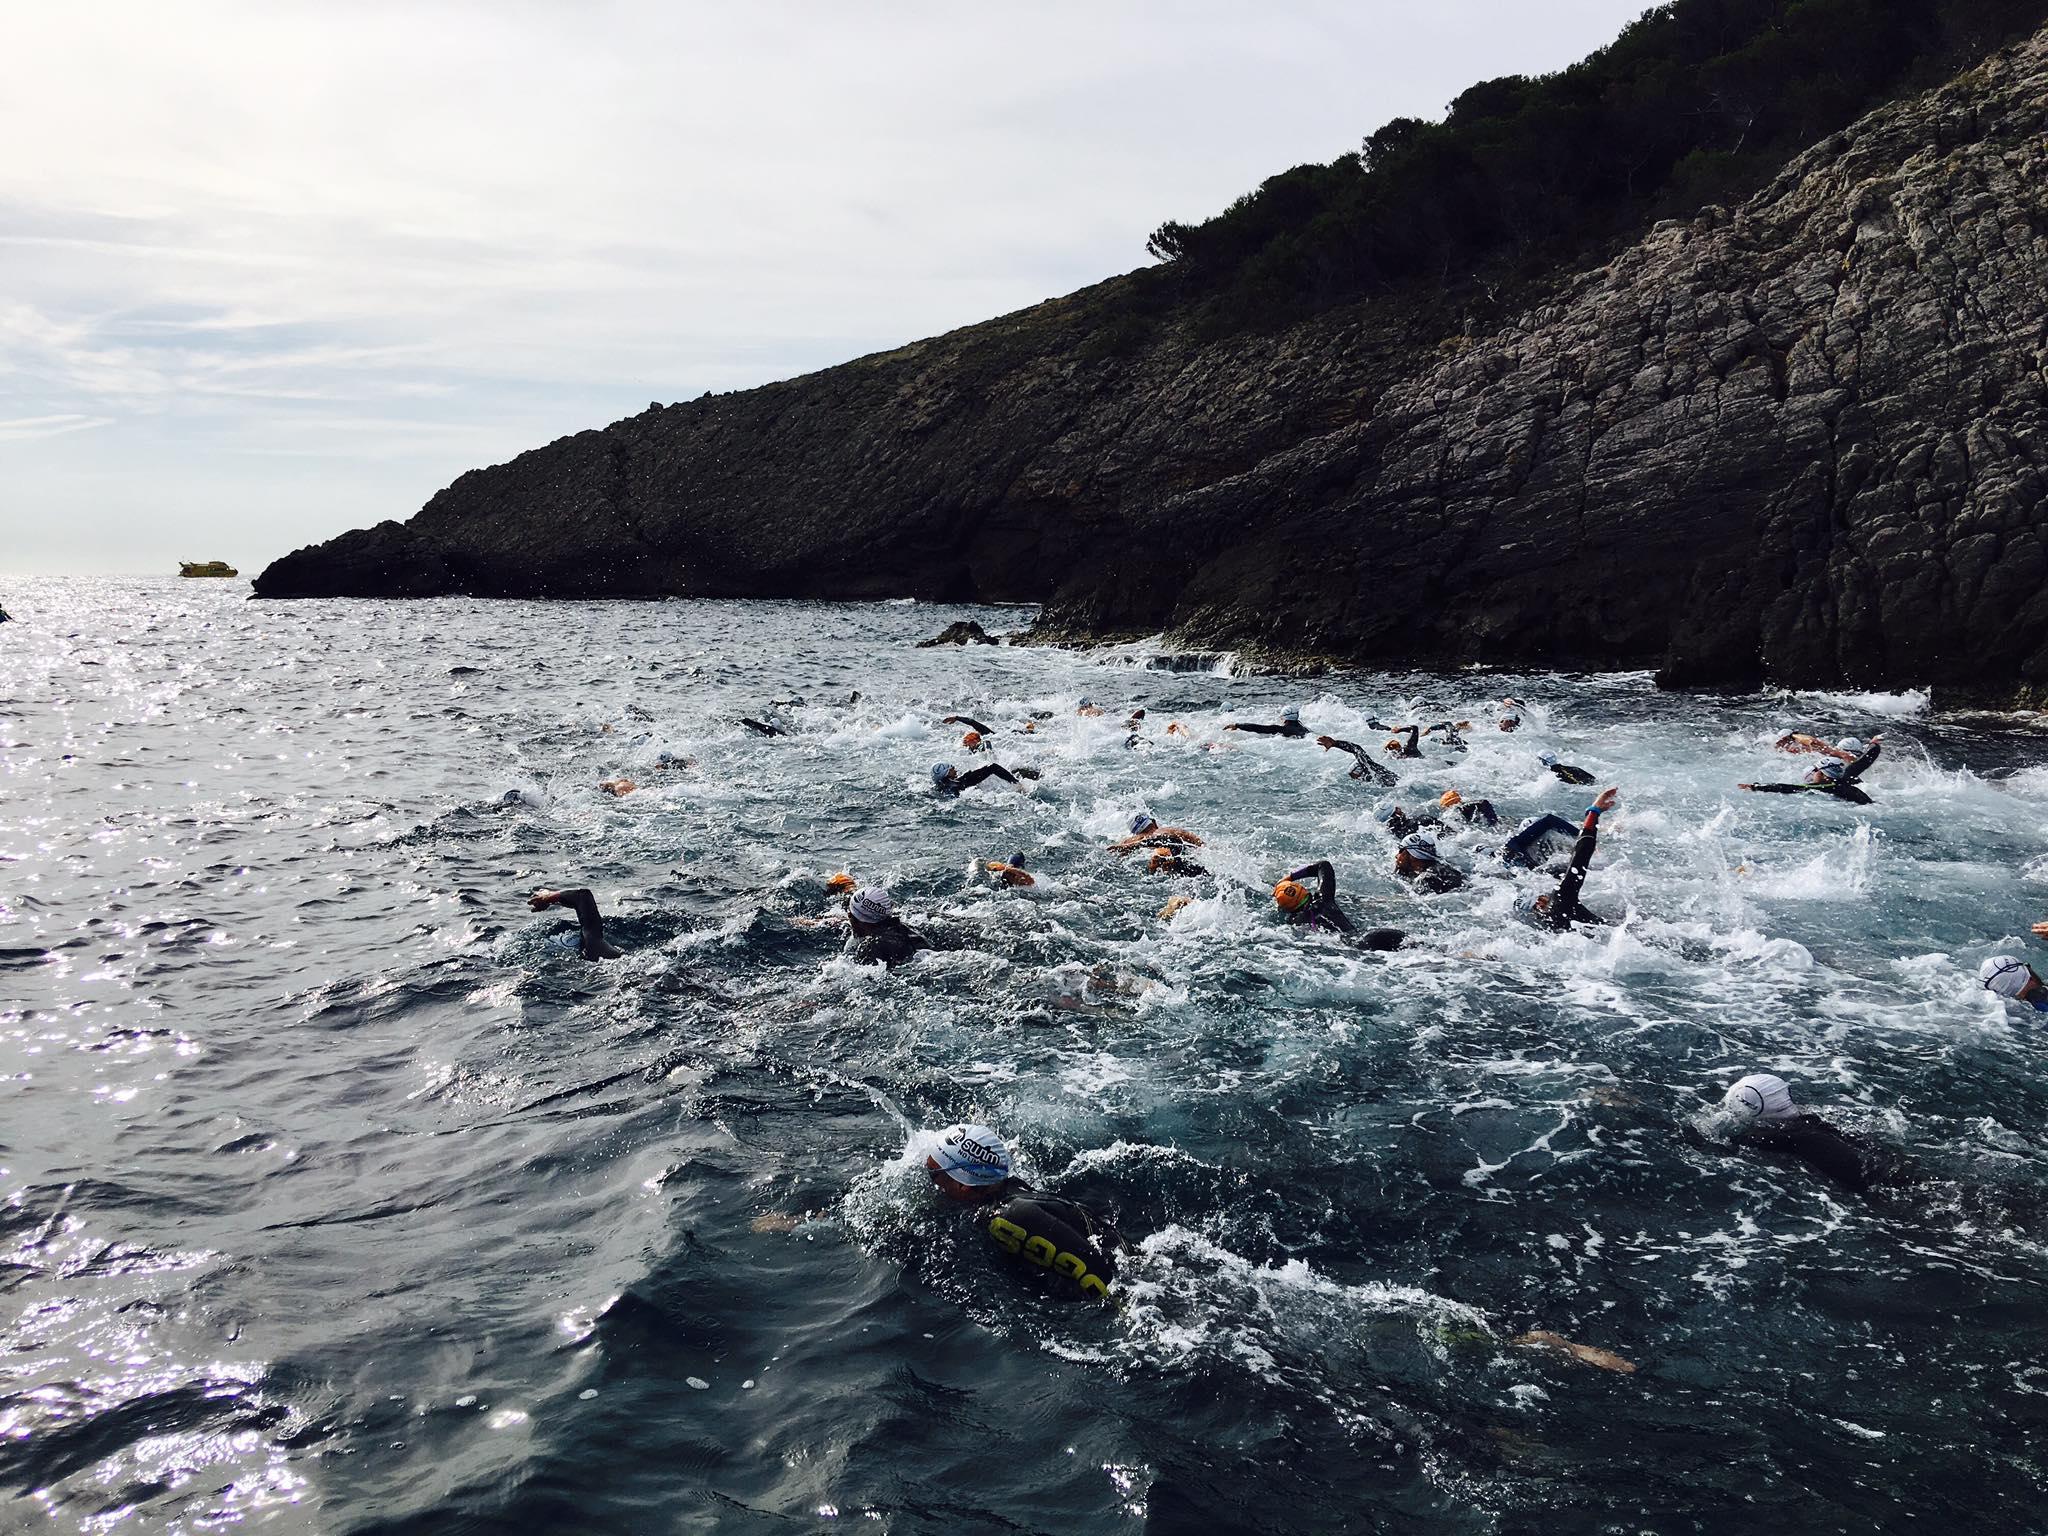 L'Escola Universitària de la Salut i l'Esport col·labora en una nova edició de la Swim Transfronterera, a Portbou